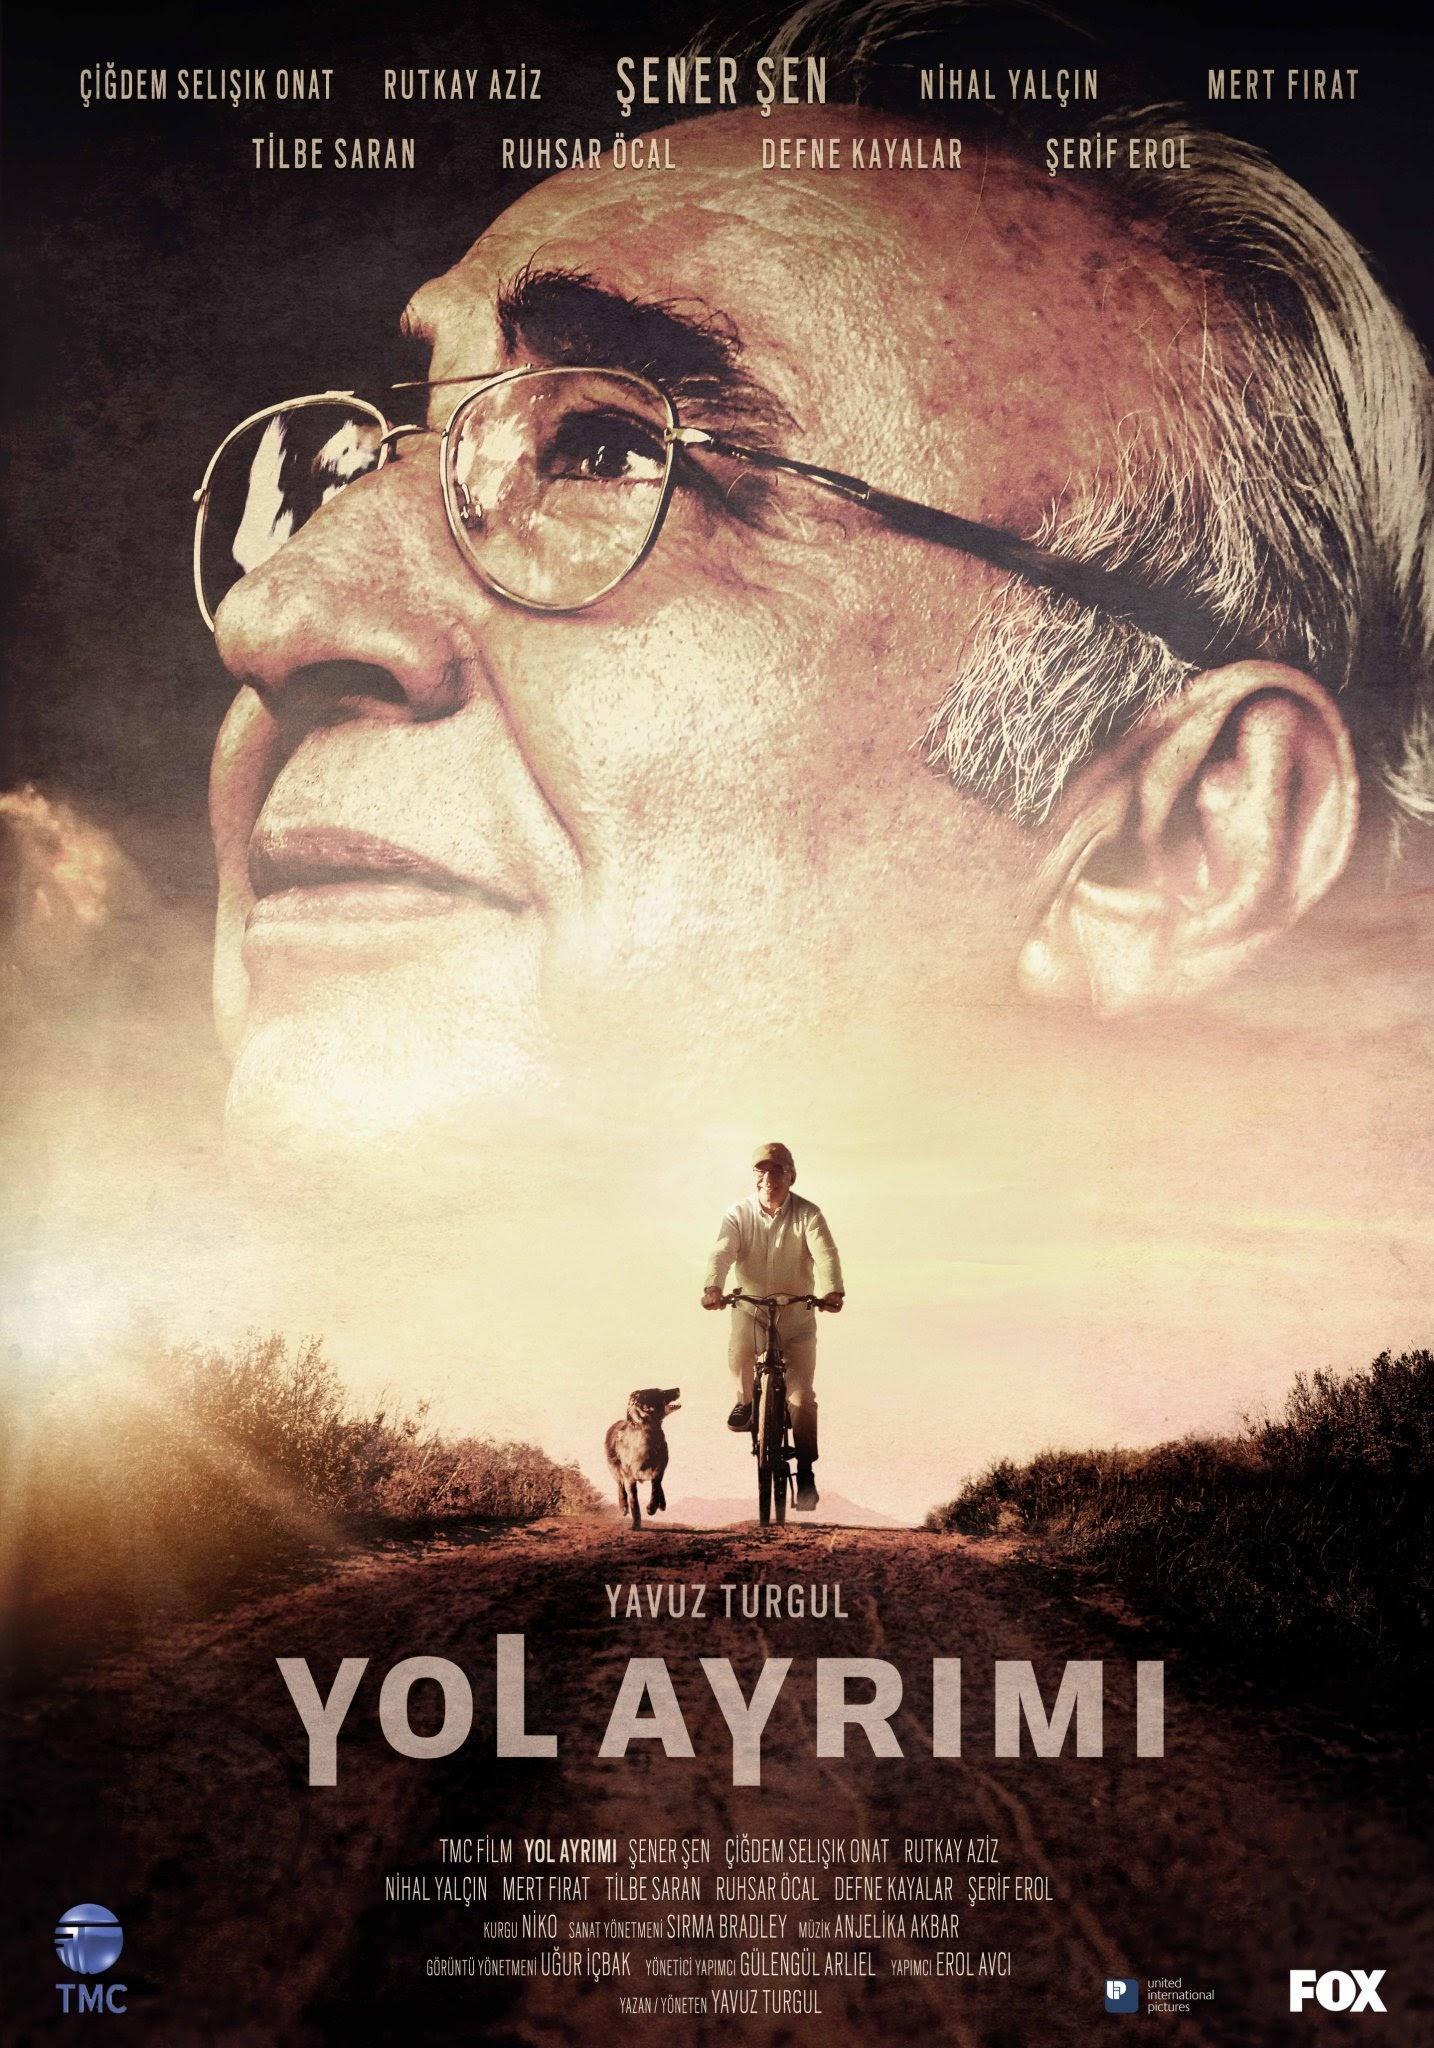 Yol Ayrımı, Yazan ve Yöneten: Yavuz Turgul, 2017